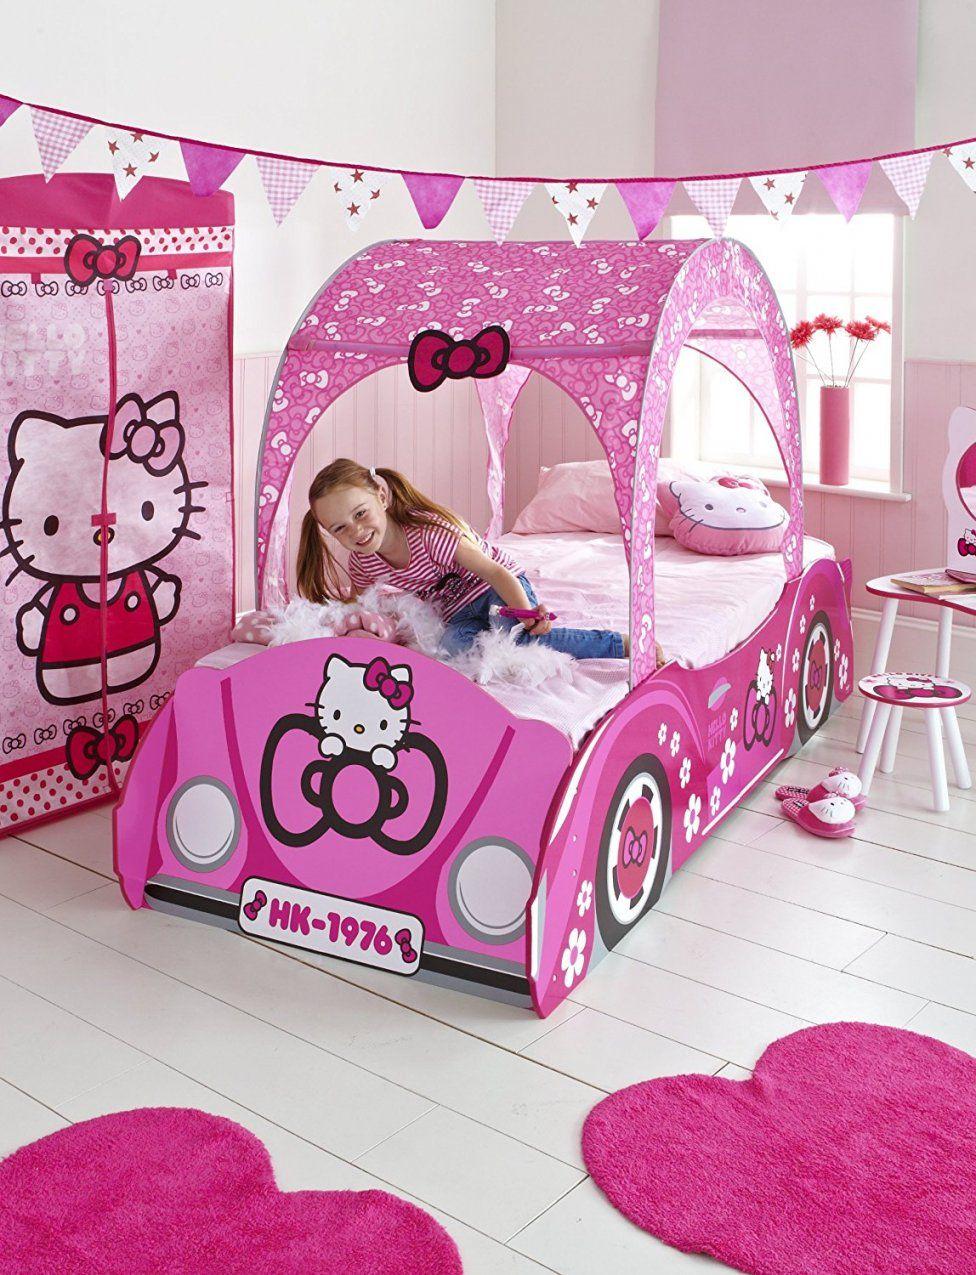 Wunderbar Hello Kitty Bett 11241 Hause Deko Ideen Galerie  Hause von Hello Kitty Bett 90X200 Photo